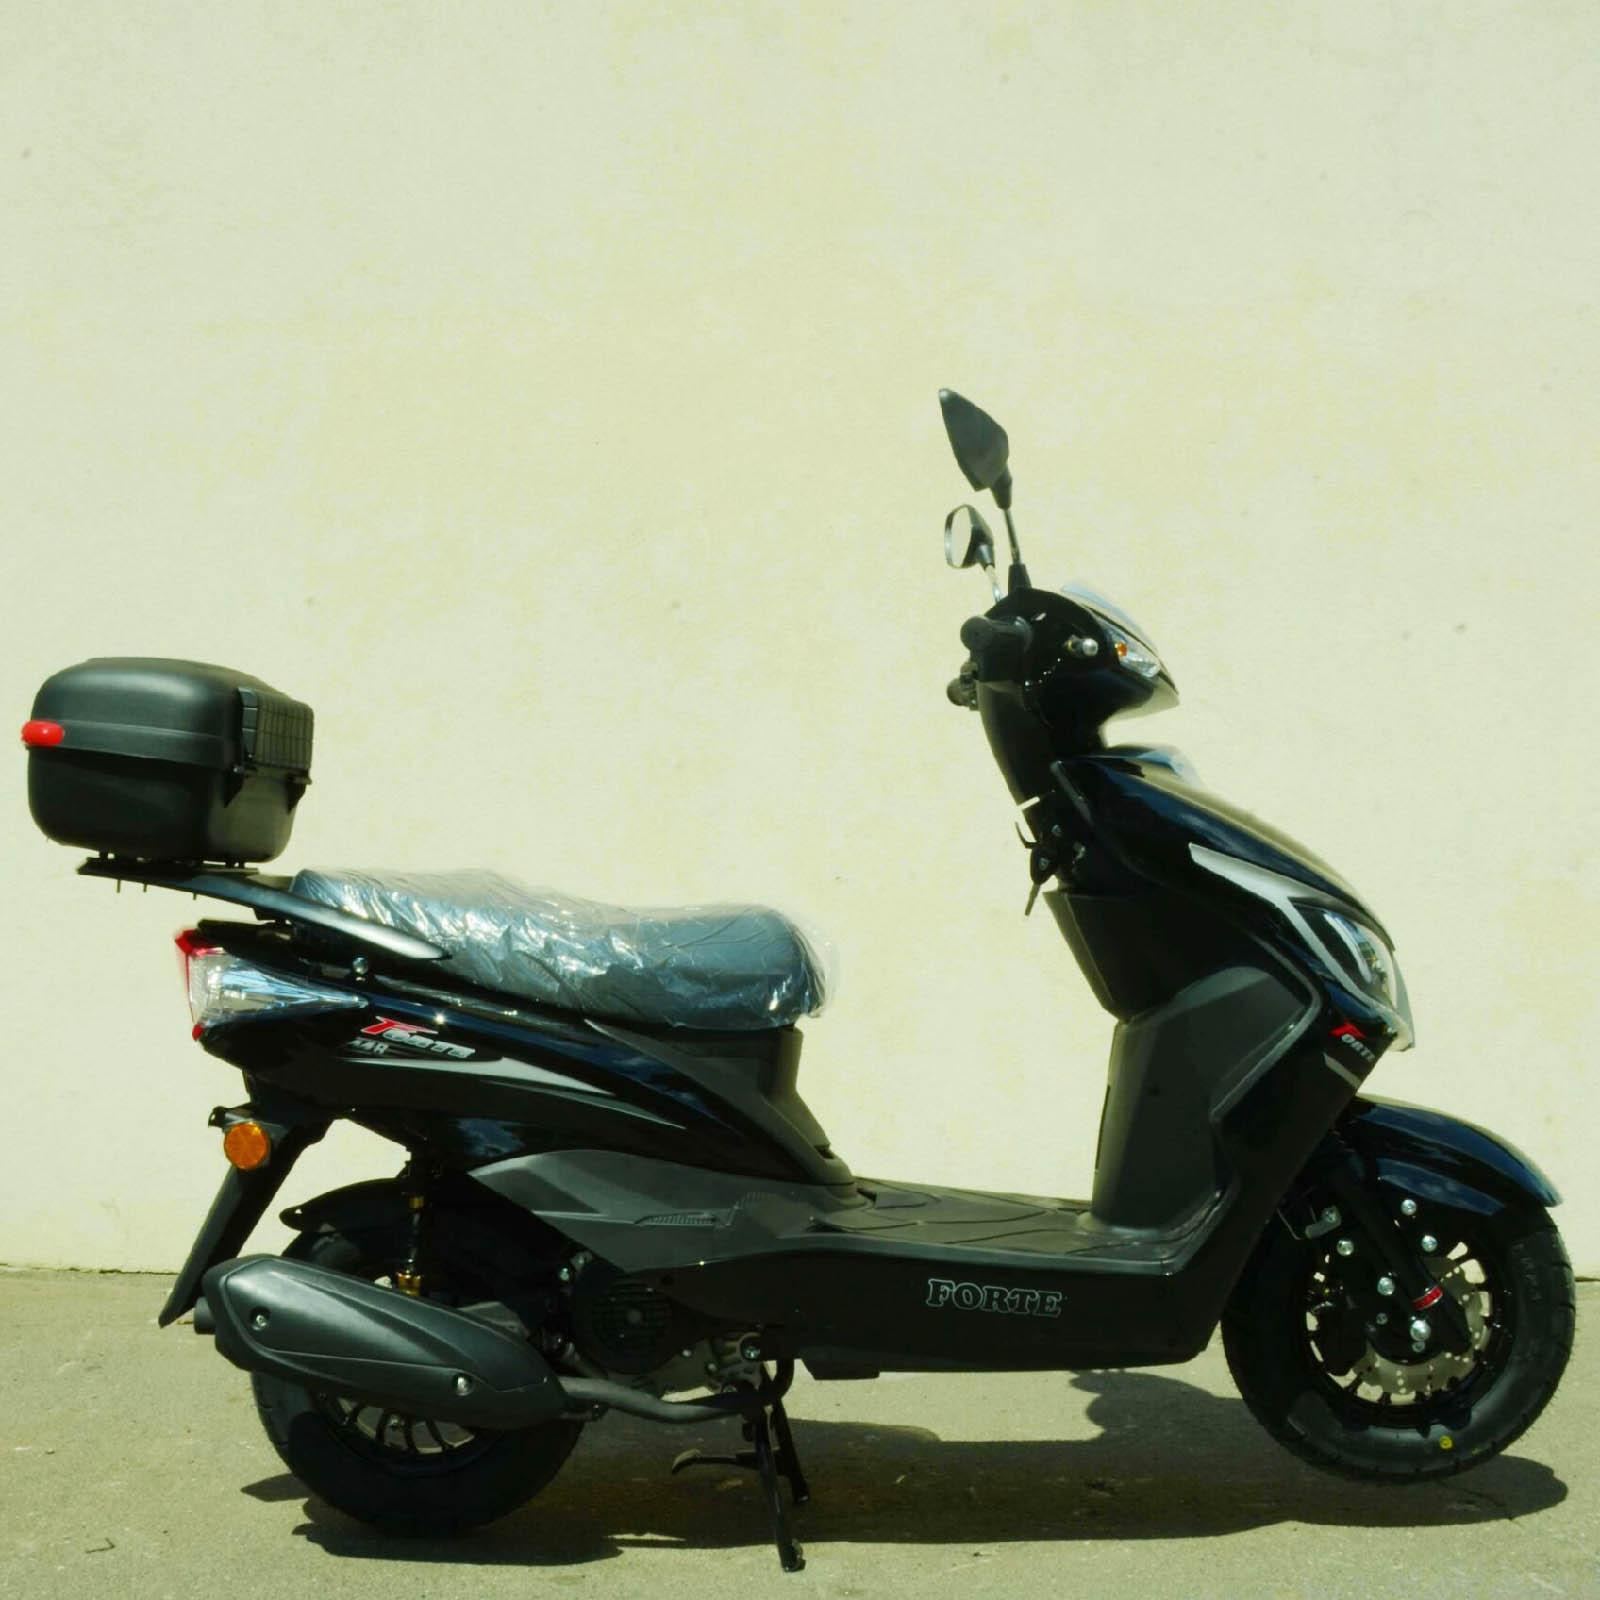 Скутер Forte M8 цвет чёрный вид справа купить по низкой цене